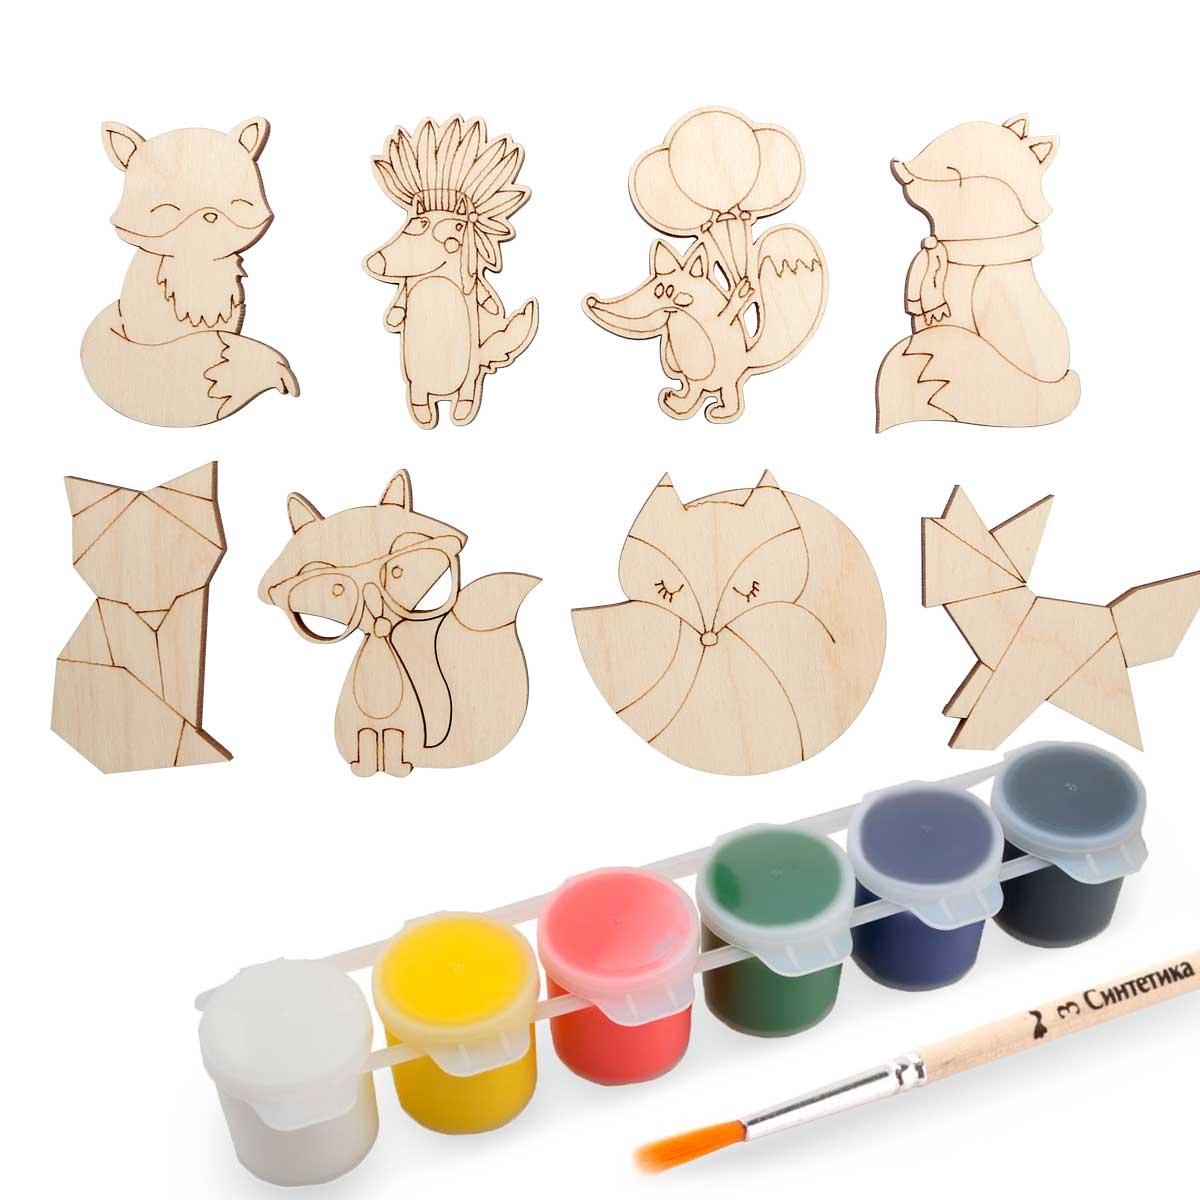 Набор для раскрашивания деревянных заготовок 'Лисички'